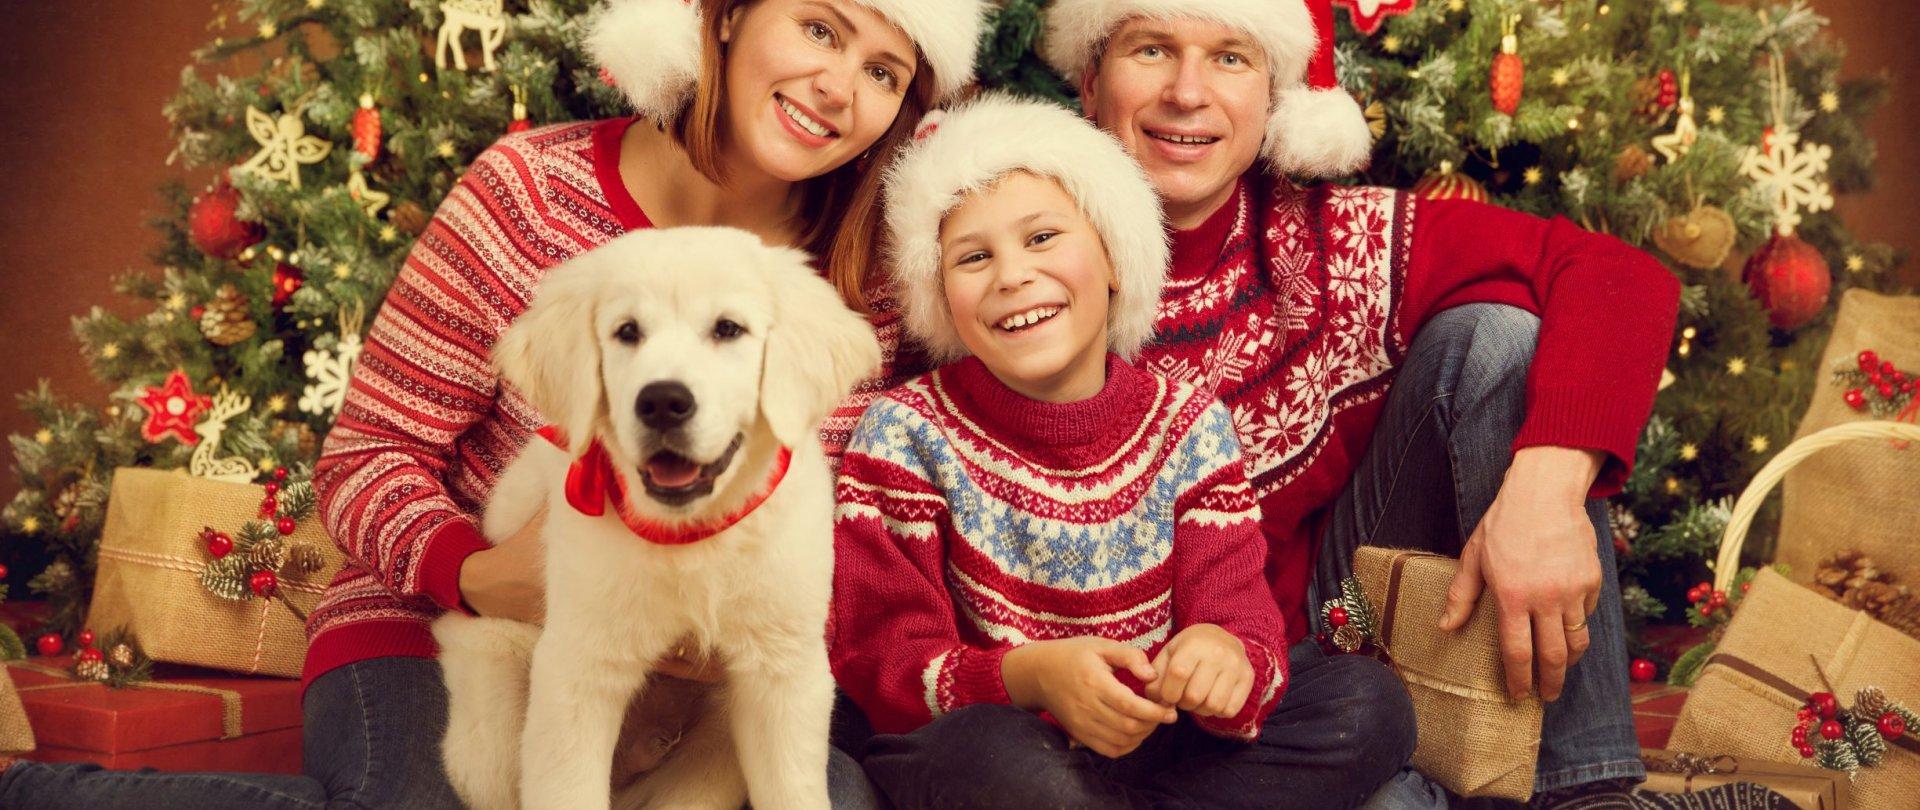 Boże Narodzenie w Enklawie. Cudowne Rodzinne Święta w Puszczy Białowieskiej!